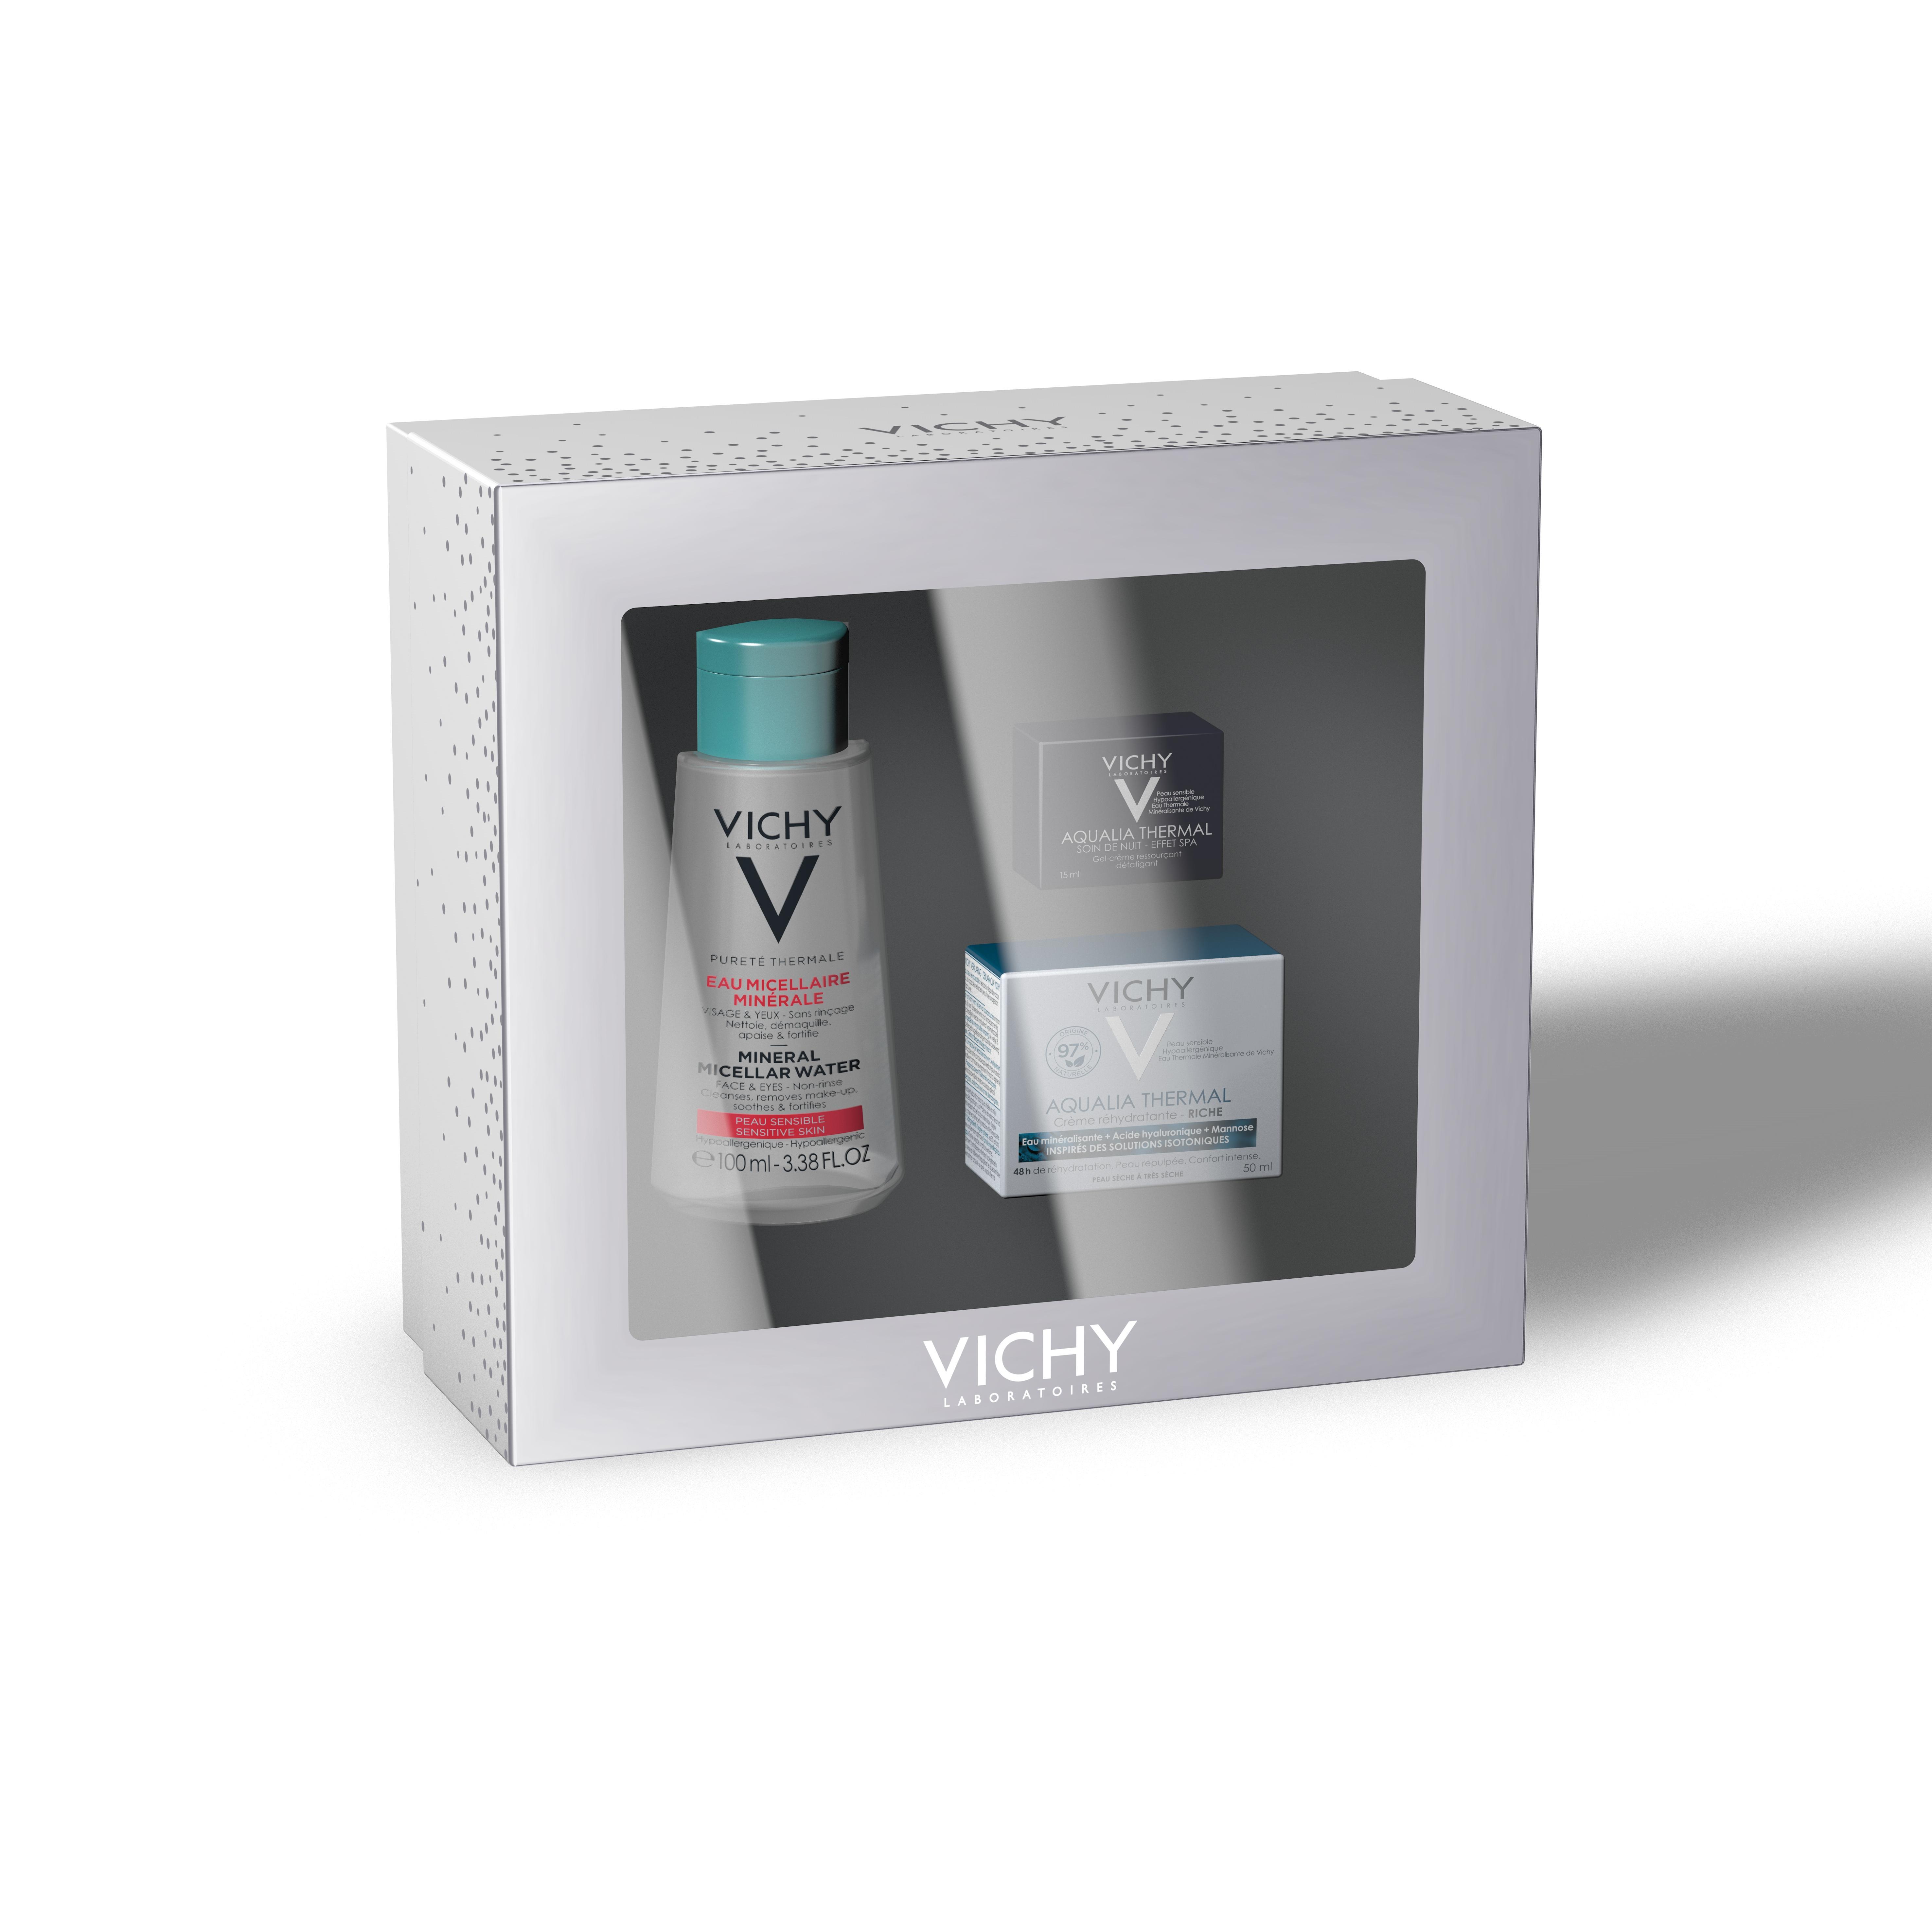 Vichy Aqualia Thermal rijke crème